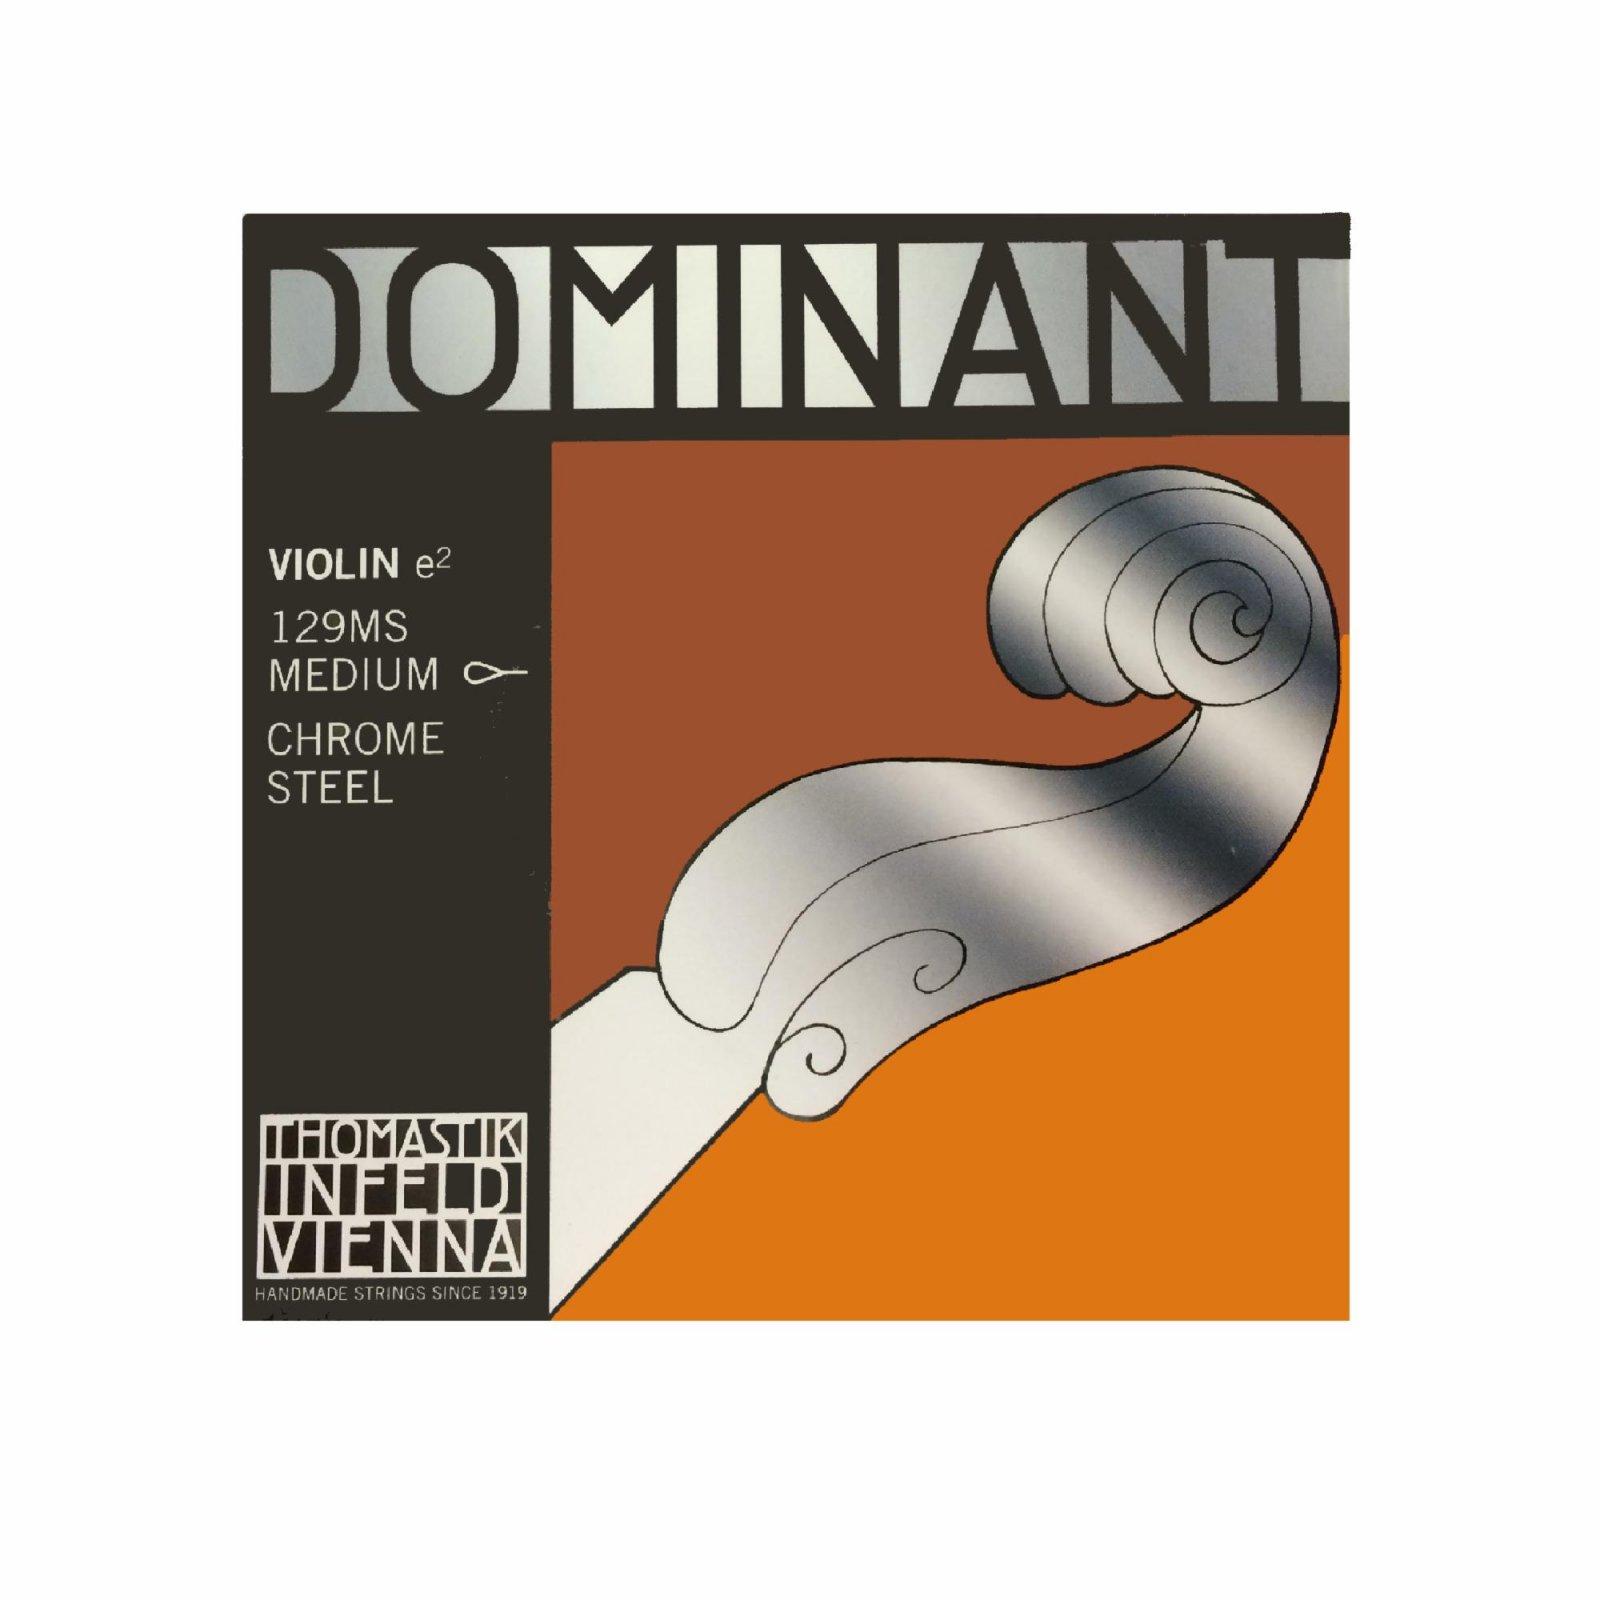 Dominant Violin G